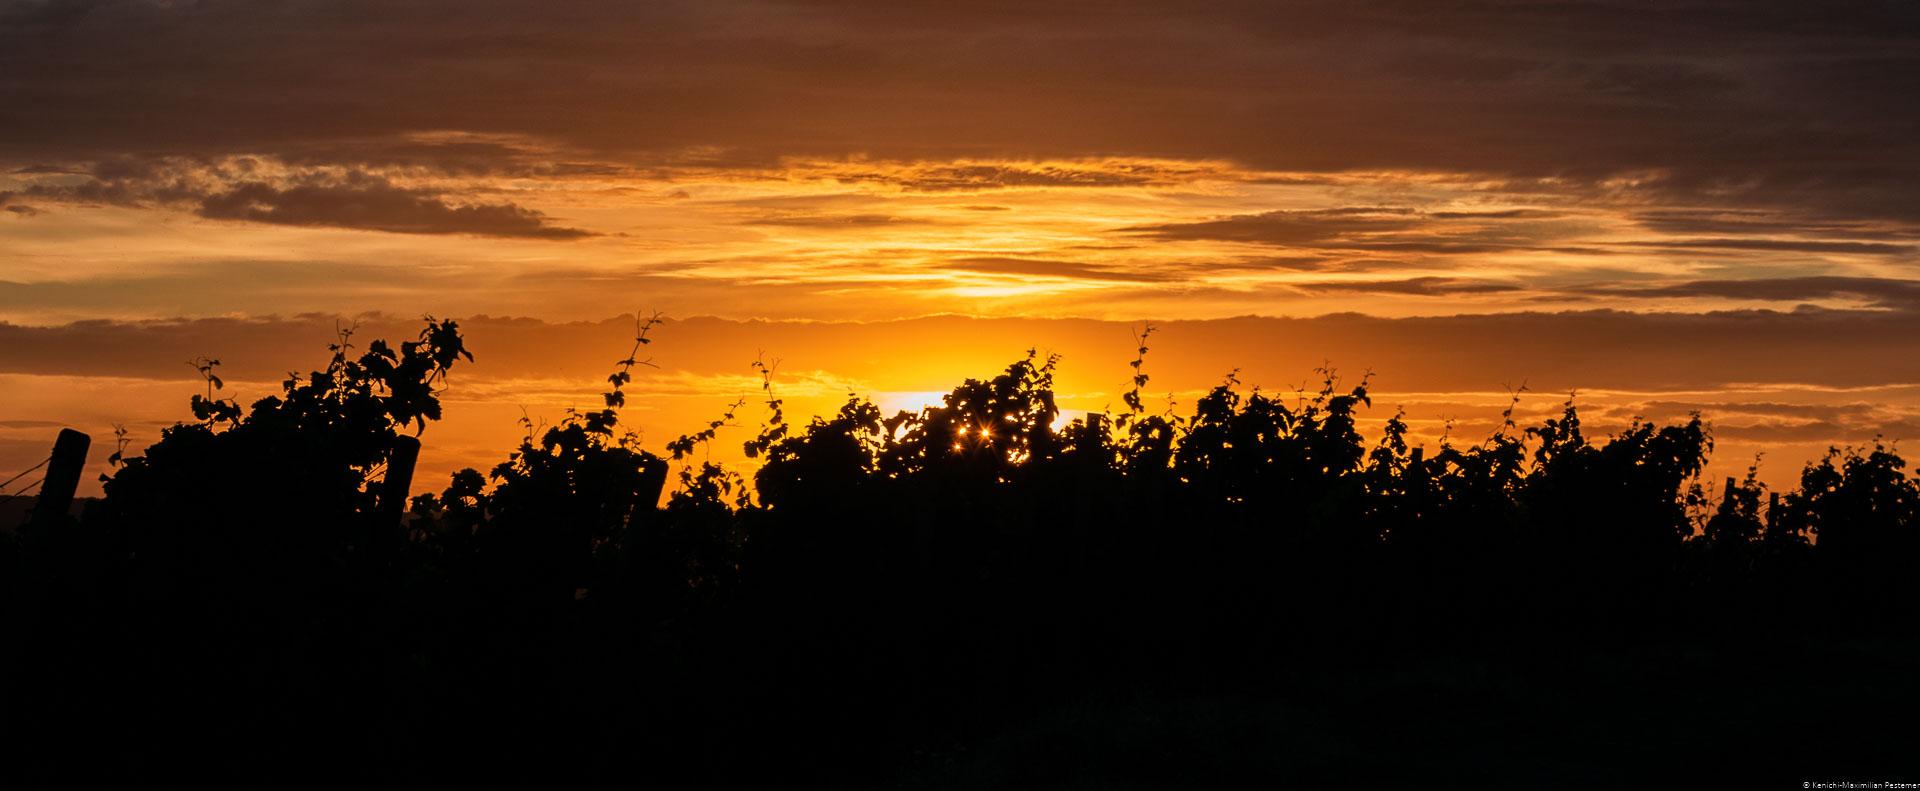 Rebsorten Riesling; Schwarze Silhouette der Reben; Orangener rötlicher Himmel; Wolken; Sonnenuntergang am Wiltinger Braunfels in der Vols